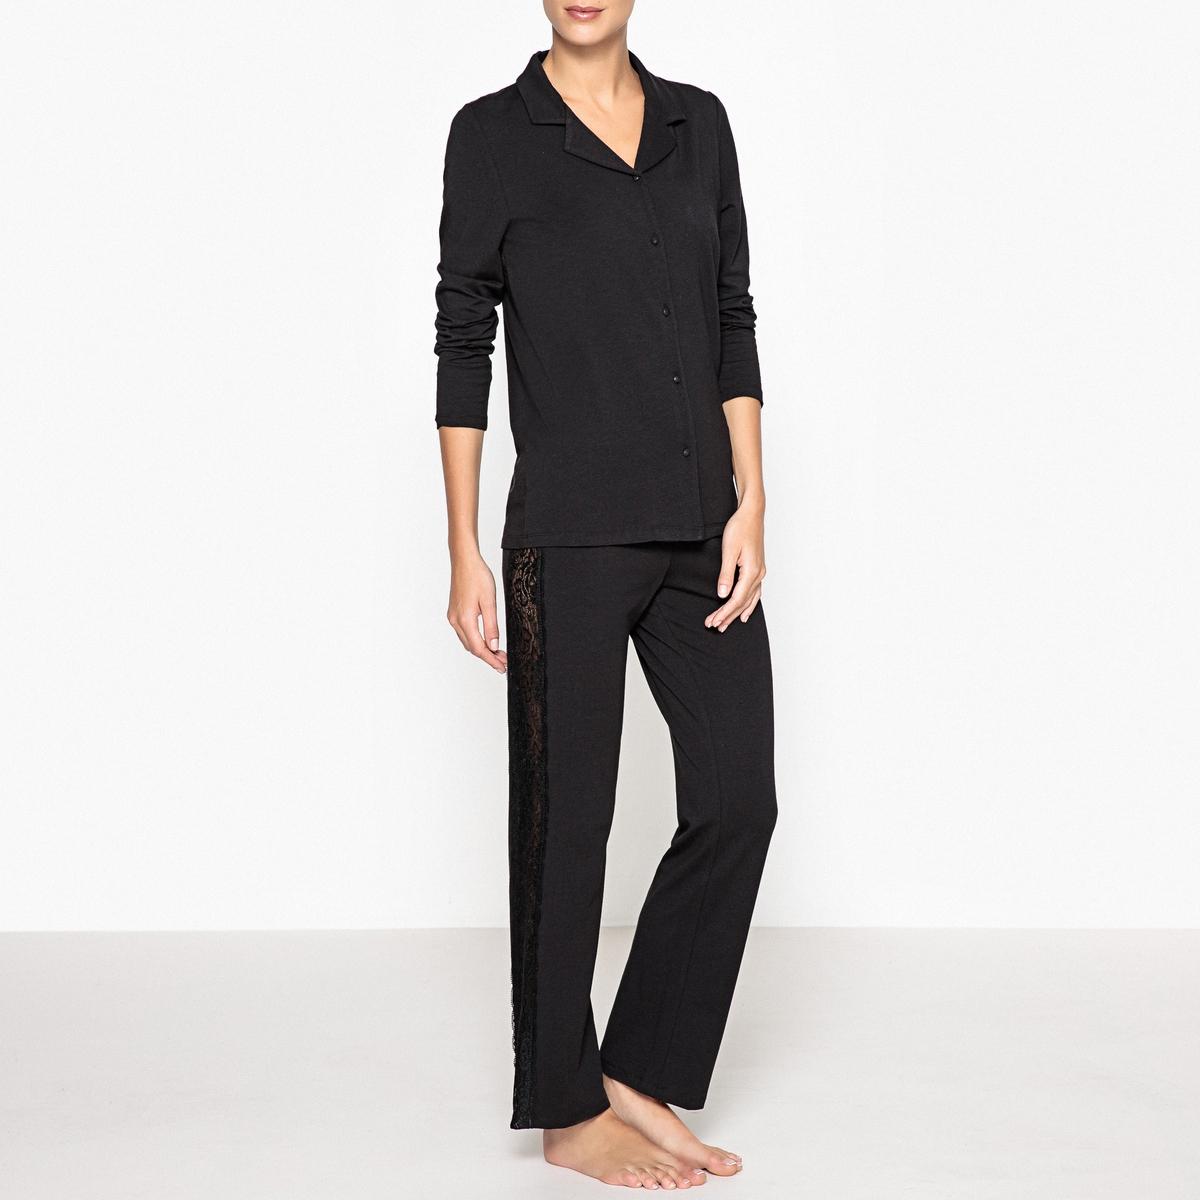 Пижама с кружевными деталямиРомантичная пижама немного в винтажном стиле прямого покроя украшена кружевом. Комфорт, мягкость и женственность гарантированы. Состав и описаниеПижама прямого покроя.Кружевные вставки сзади и по бокам брюк, эластичный поясМатериал :  47% хлопка, 47% модала, 6% эластанаДлина : Рубашка ночная: 67 см.Длина по внутр.шву: 76 смУход : Стирать при температуре 30° со схожими цветами.Стирать, сушить и гладить с изнаночной стороны<br><br>Цвет: черный<br>Размер: 34/36 (FR) - 40/42 (RUS).50/52 (FR) - 56/58 (RUS).46/48 (FR) - 52/54 (RUS).38/40 (FR) - 44/46 (RUS).42/44 (FR) - 48/50 (RUS)